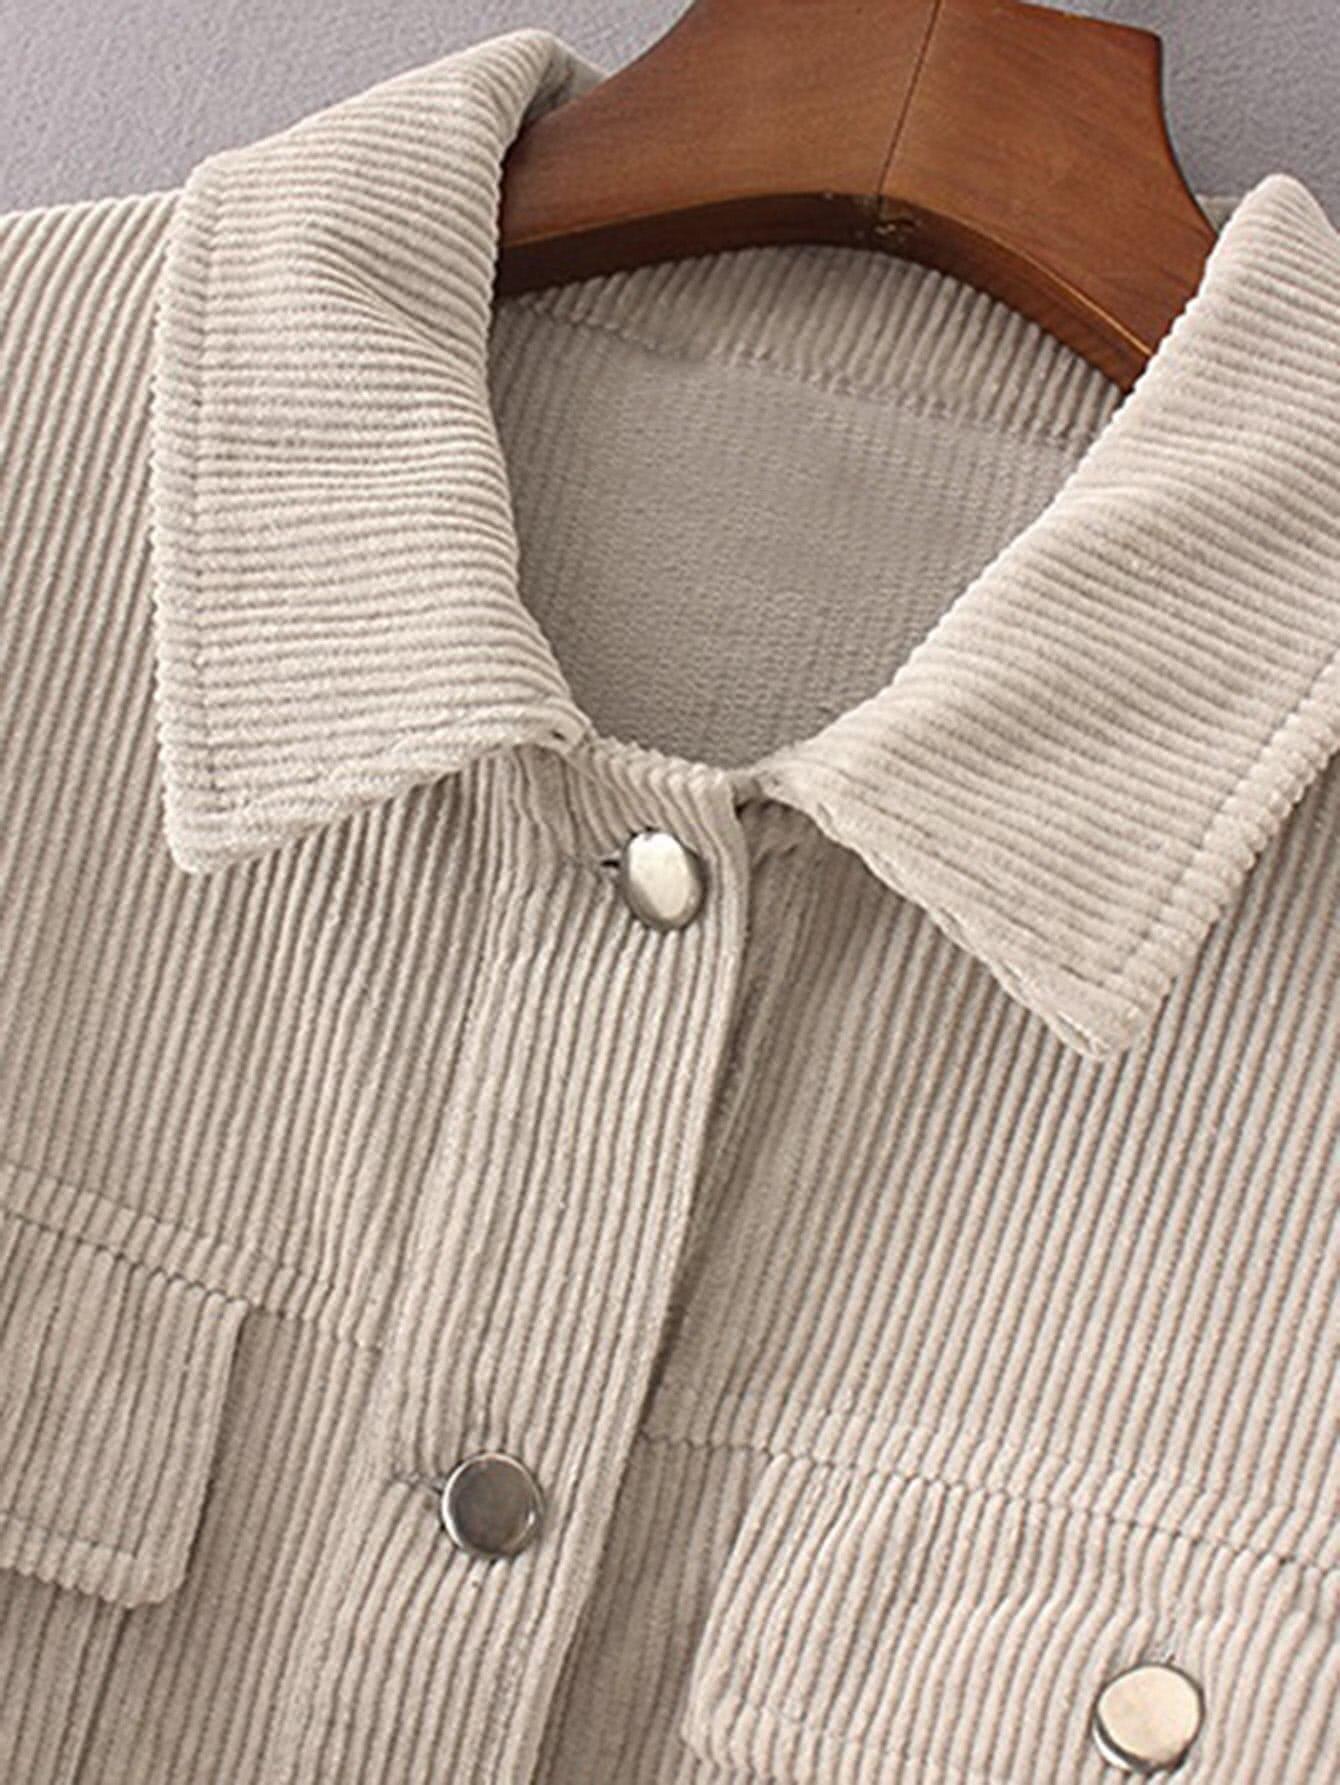 online buy wholesale corduroy jacket from china corduroy jacket